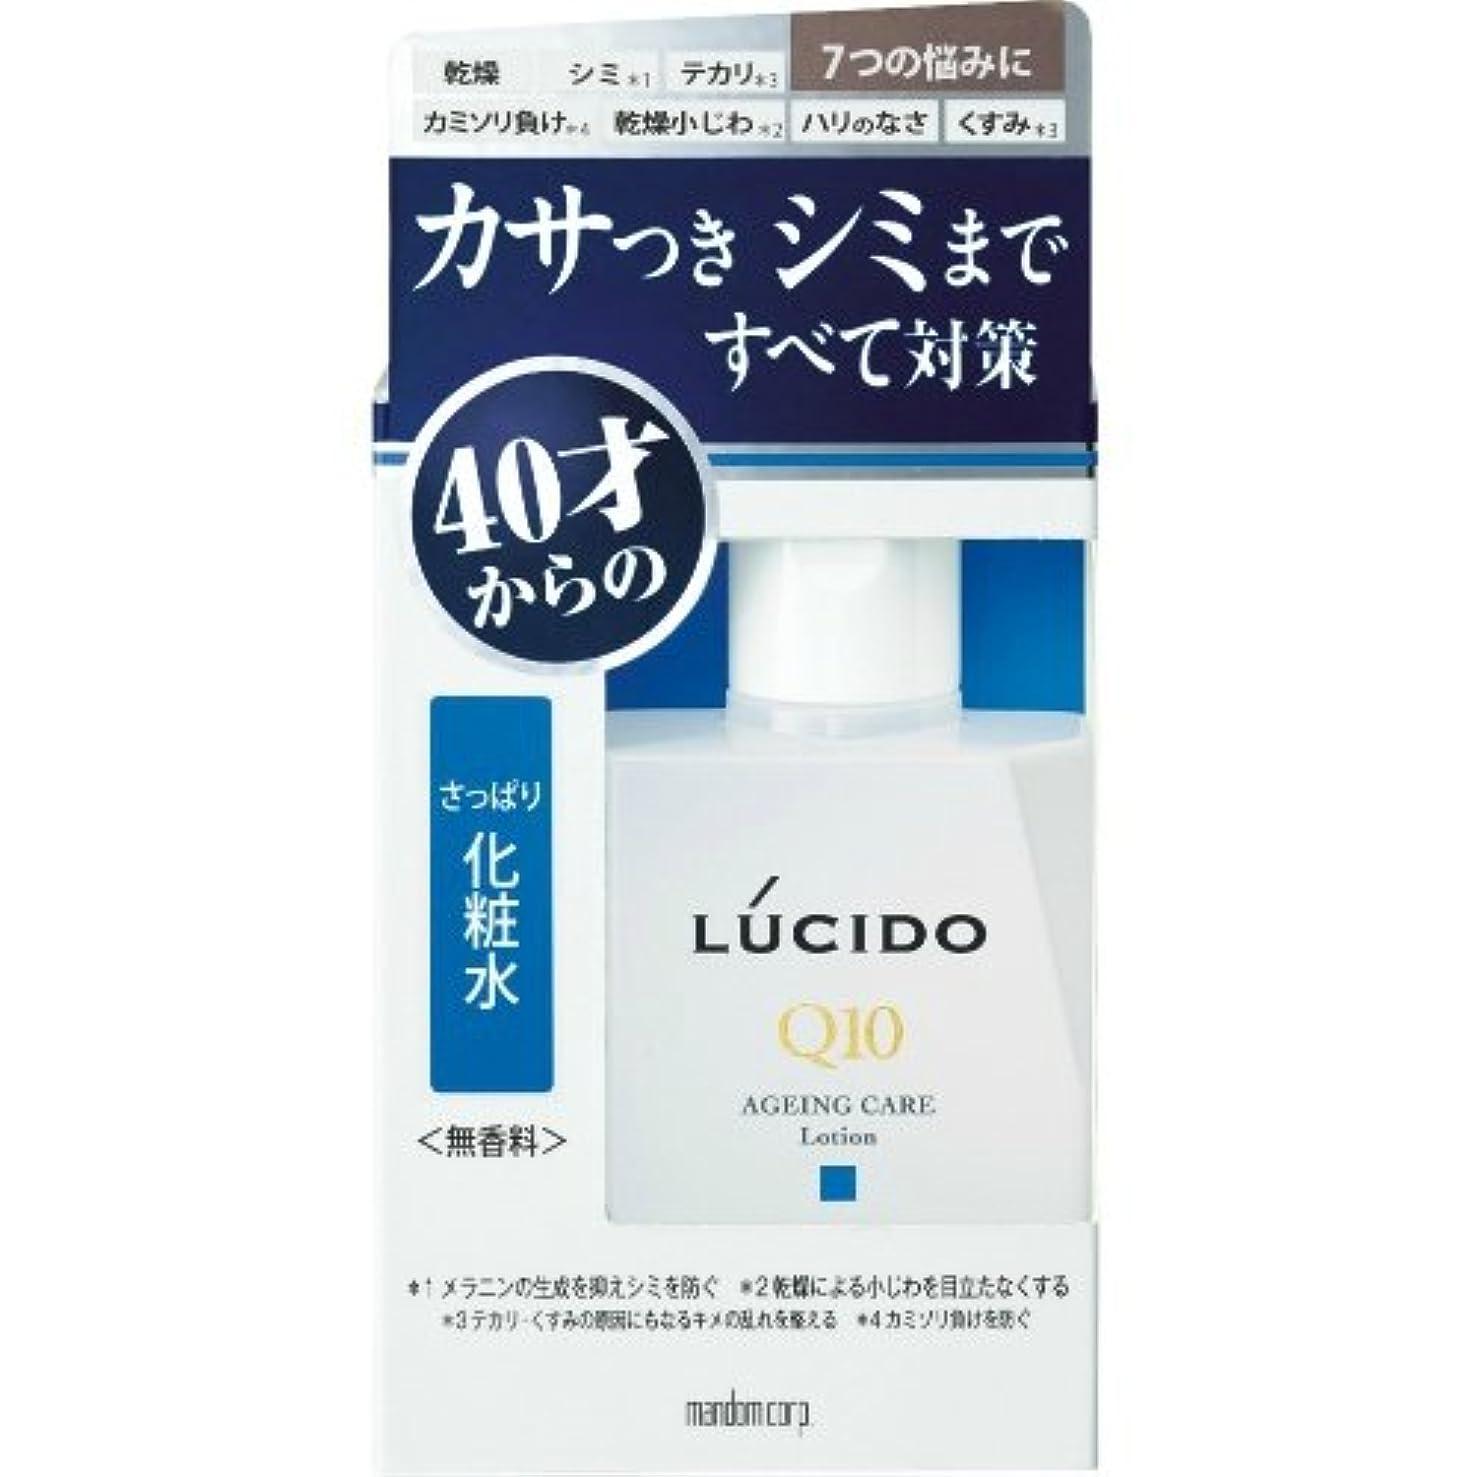 バスタブ高架桃MANDOM マンダム ルシード 薬用トータルケア さっぱり化粧水 無香料 110ml ×036点セット(4902806107296)